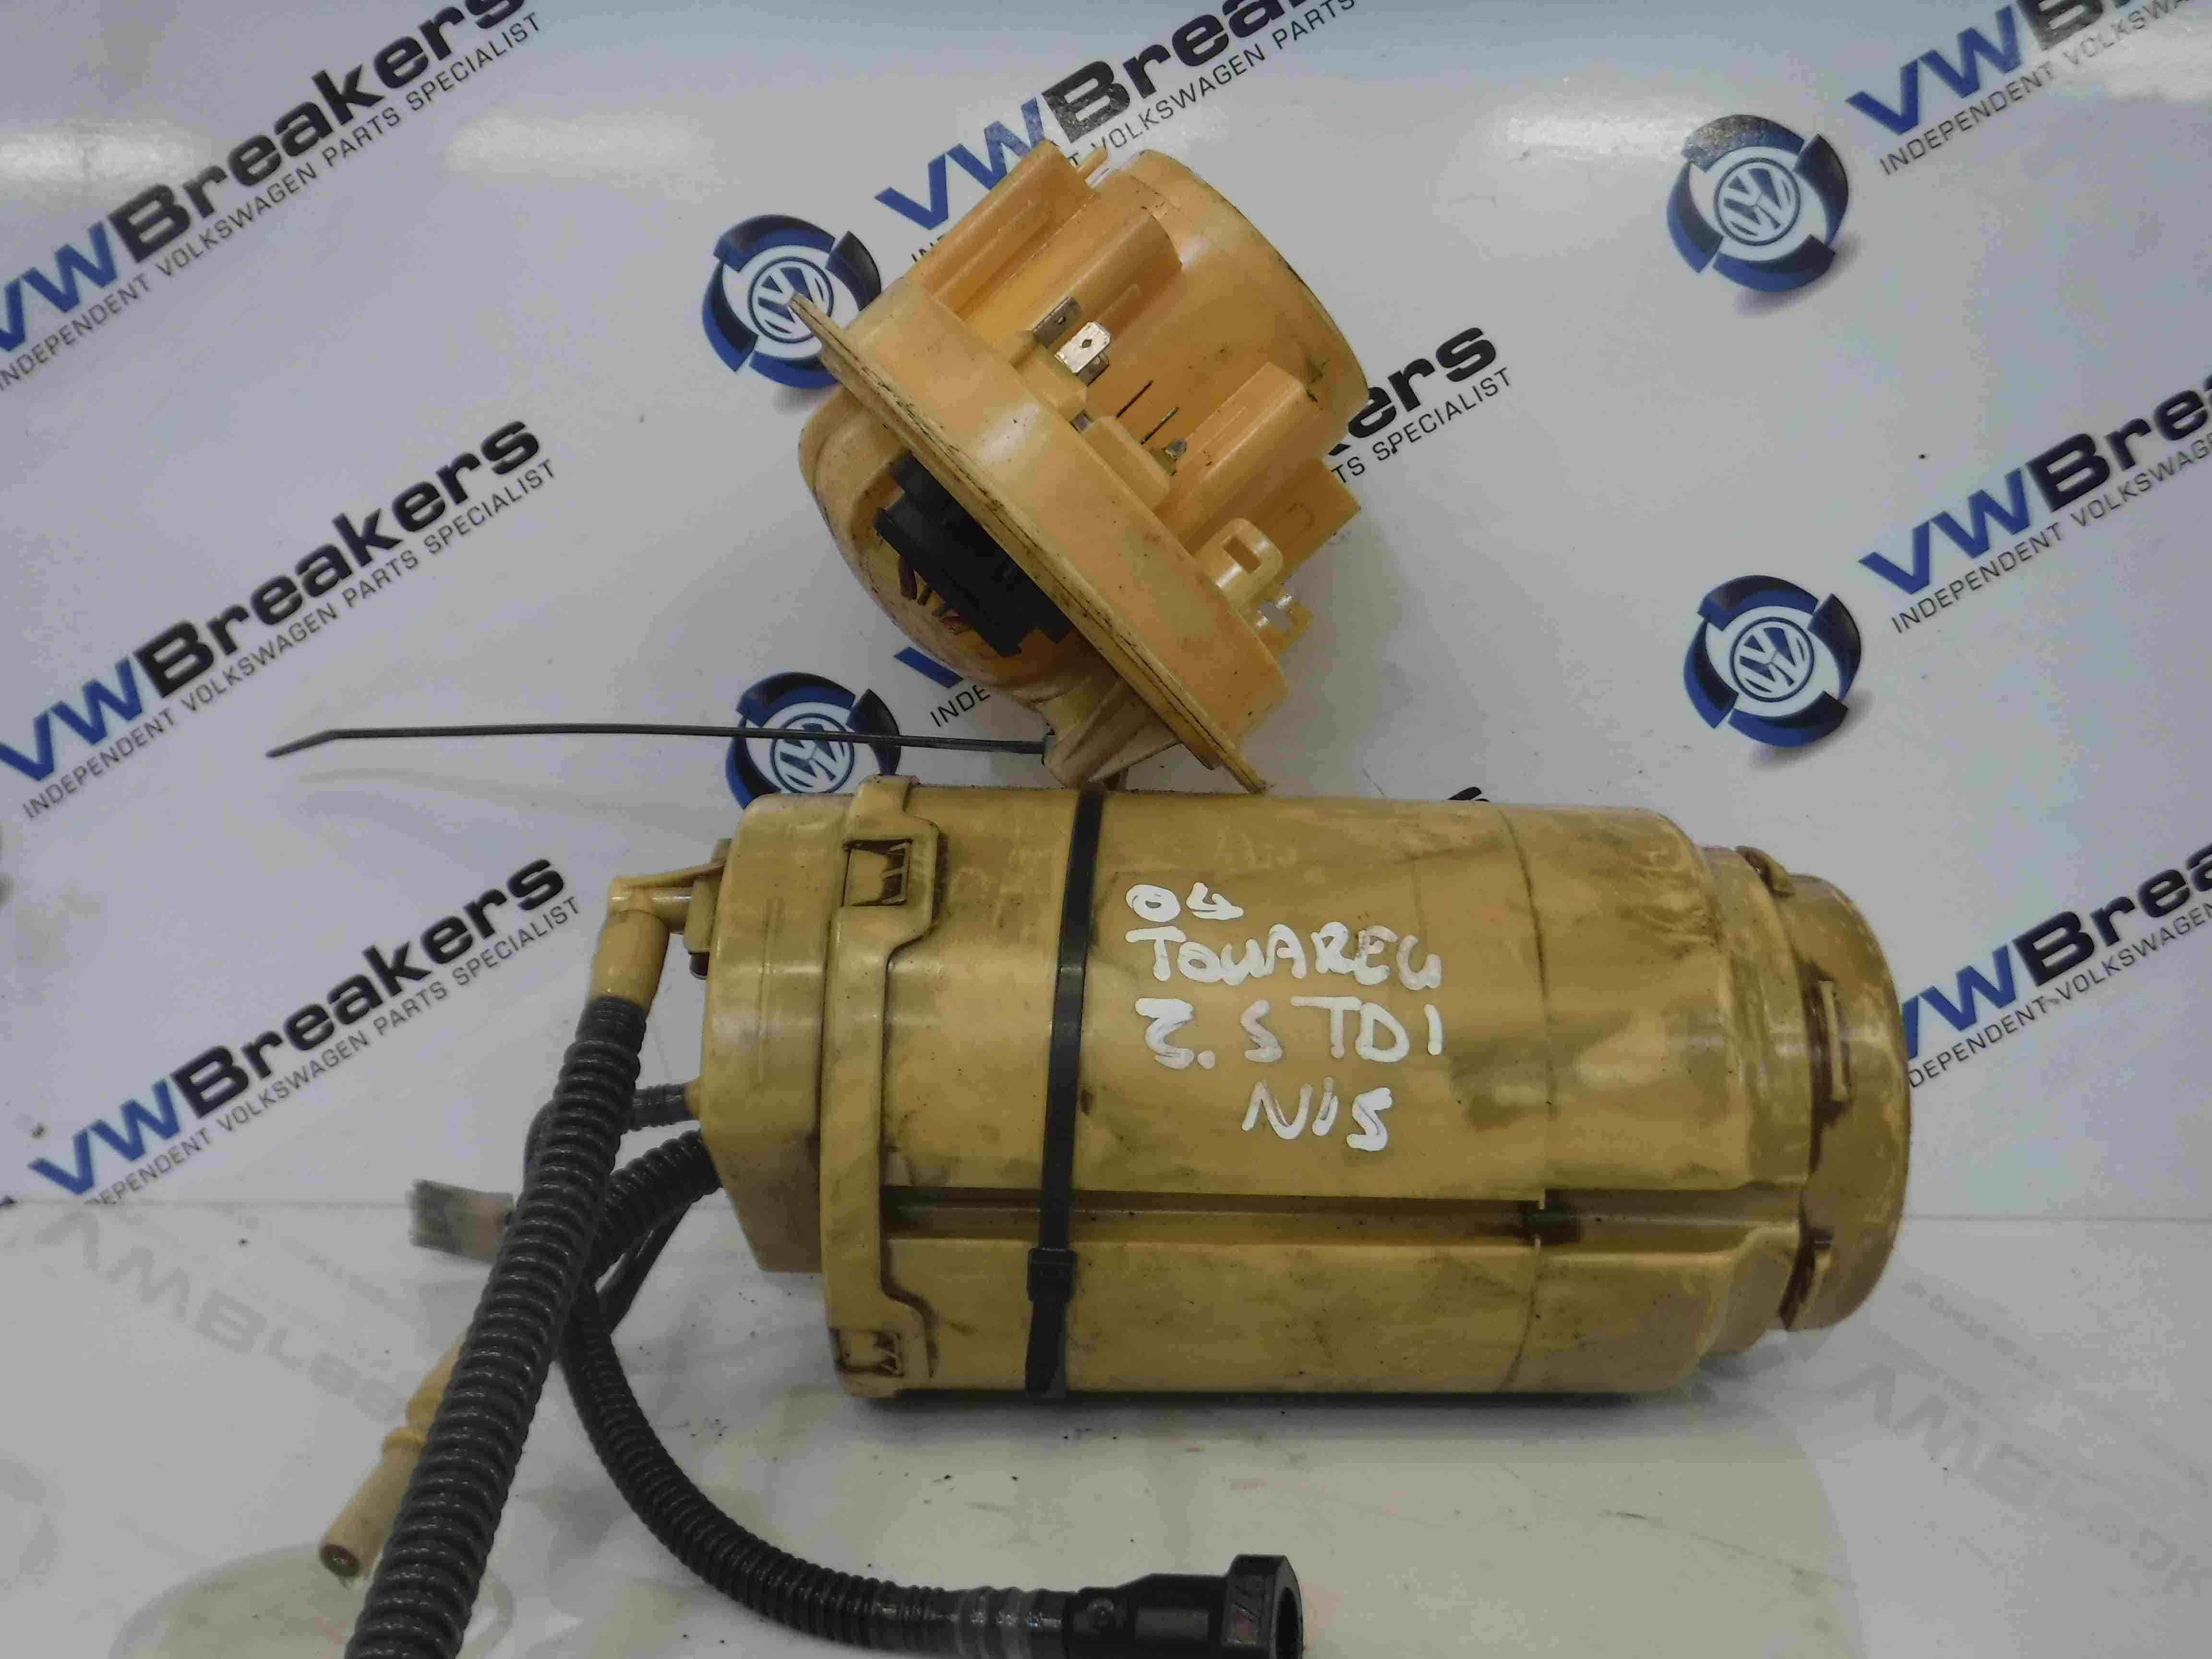 Volkswagen Touareg 2002-2007 2.5 TDI Fuel Tank Sender Fuel Pump Unit 7L6919679B